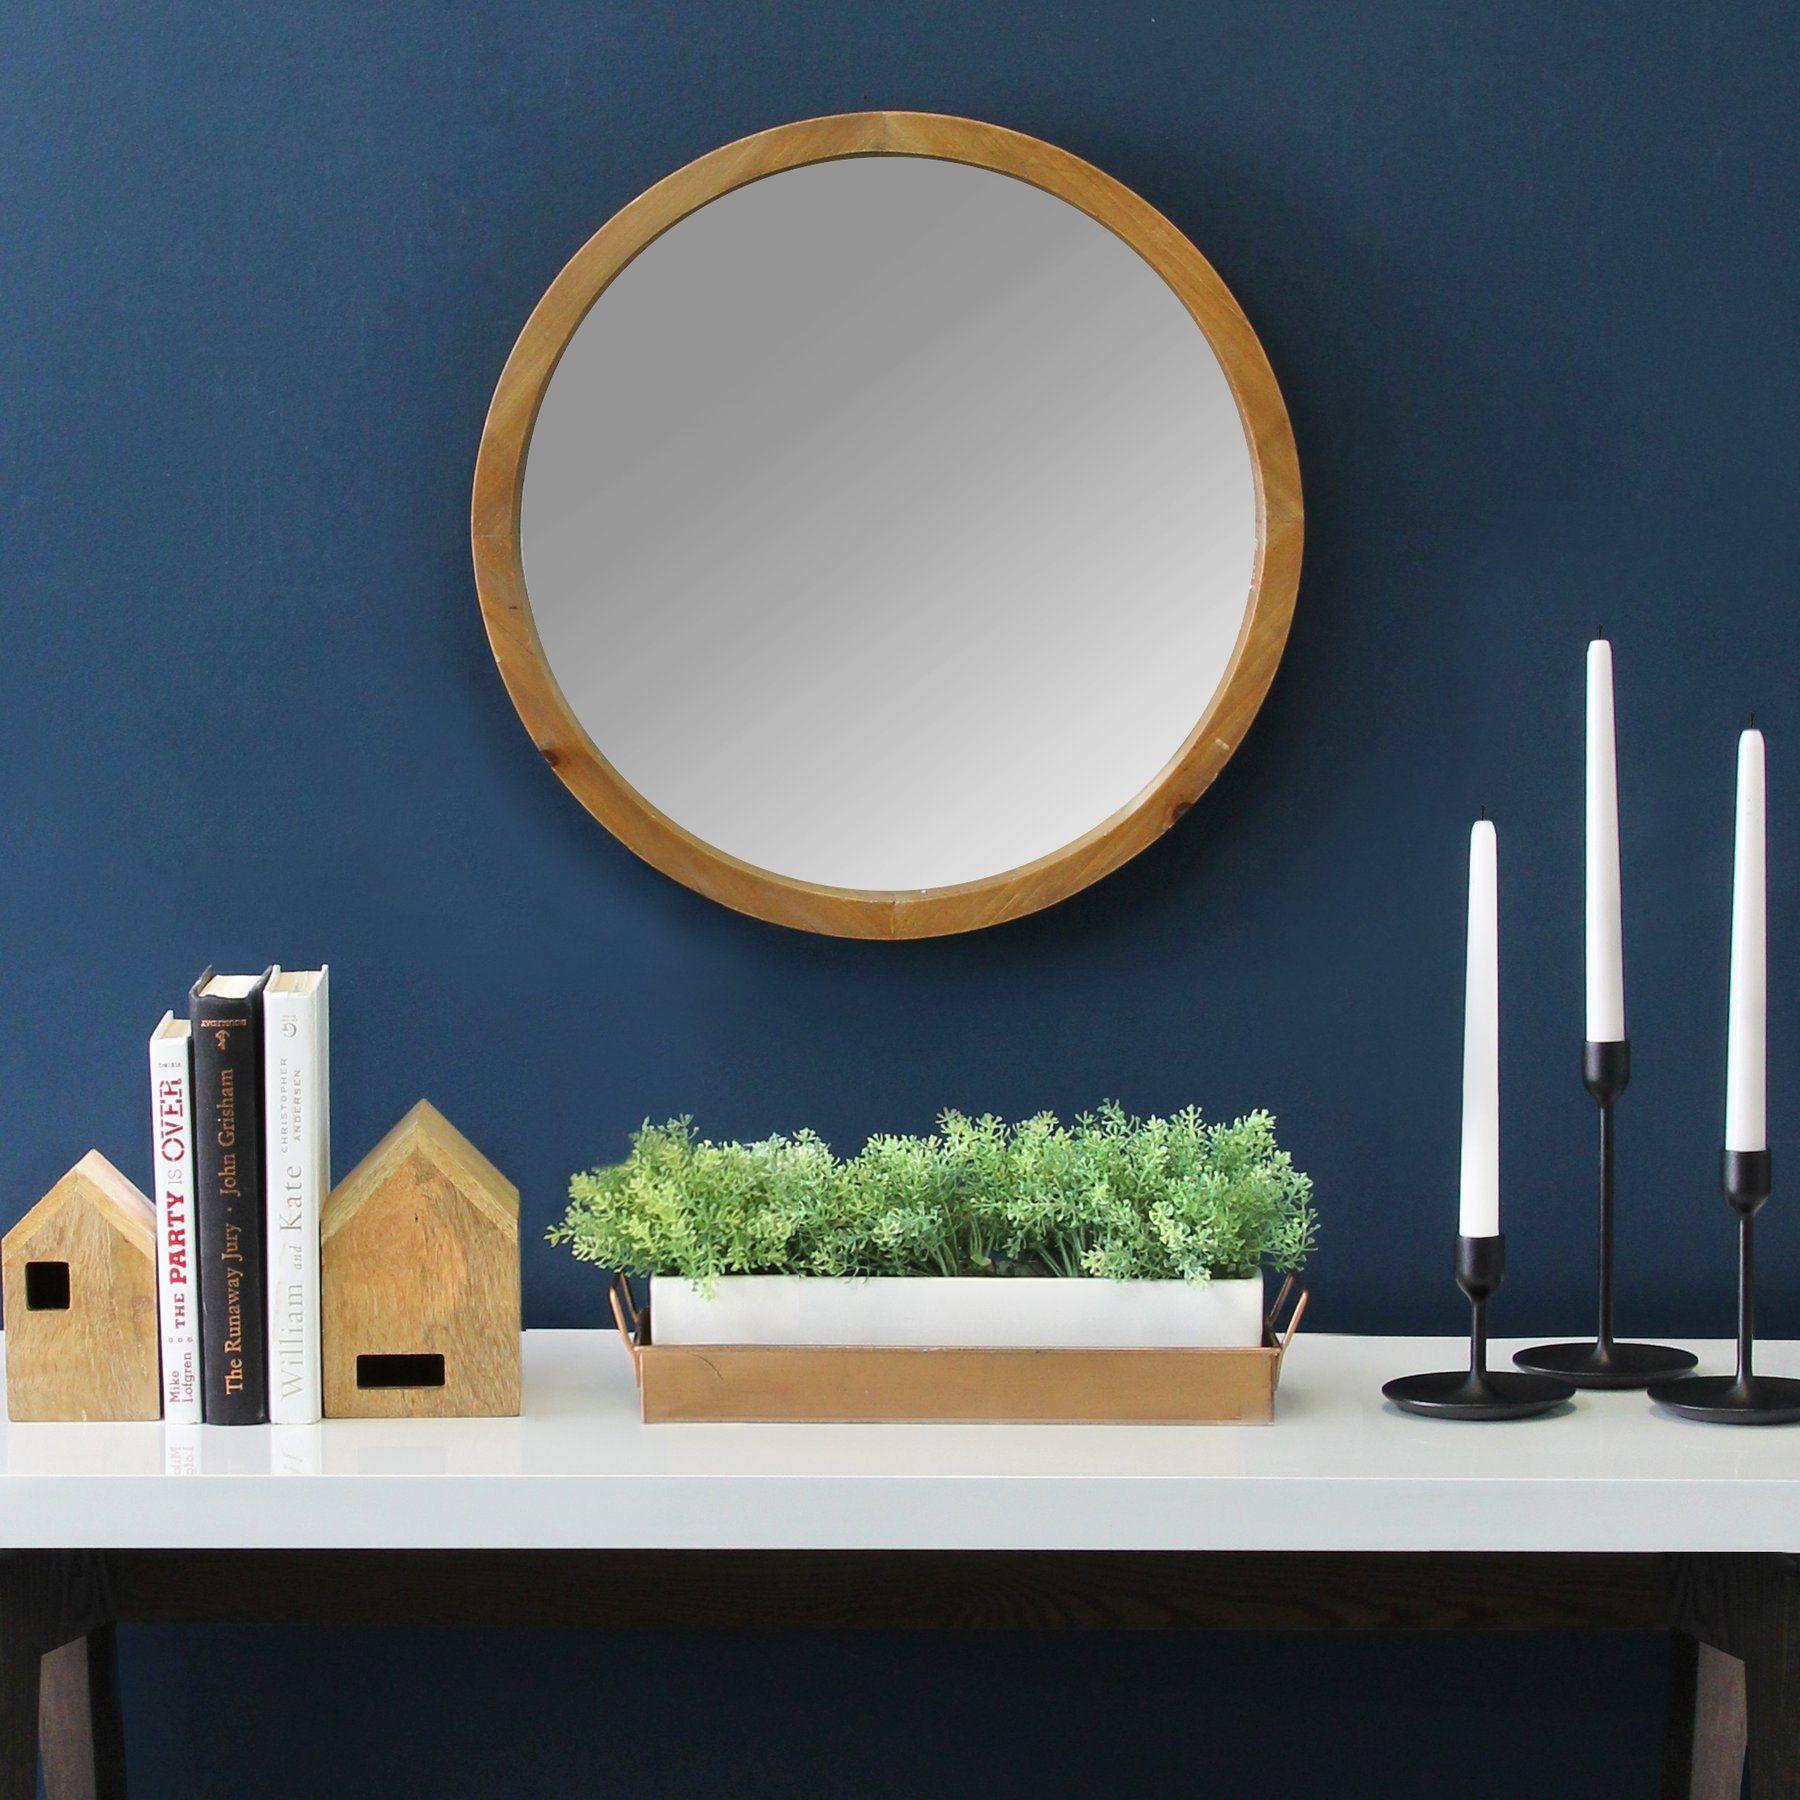 29+ Stratton home decor mirror info